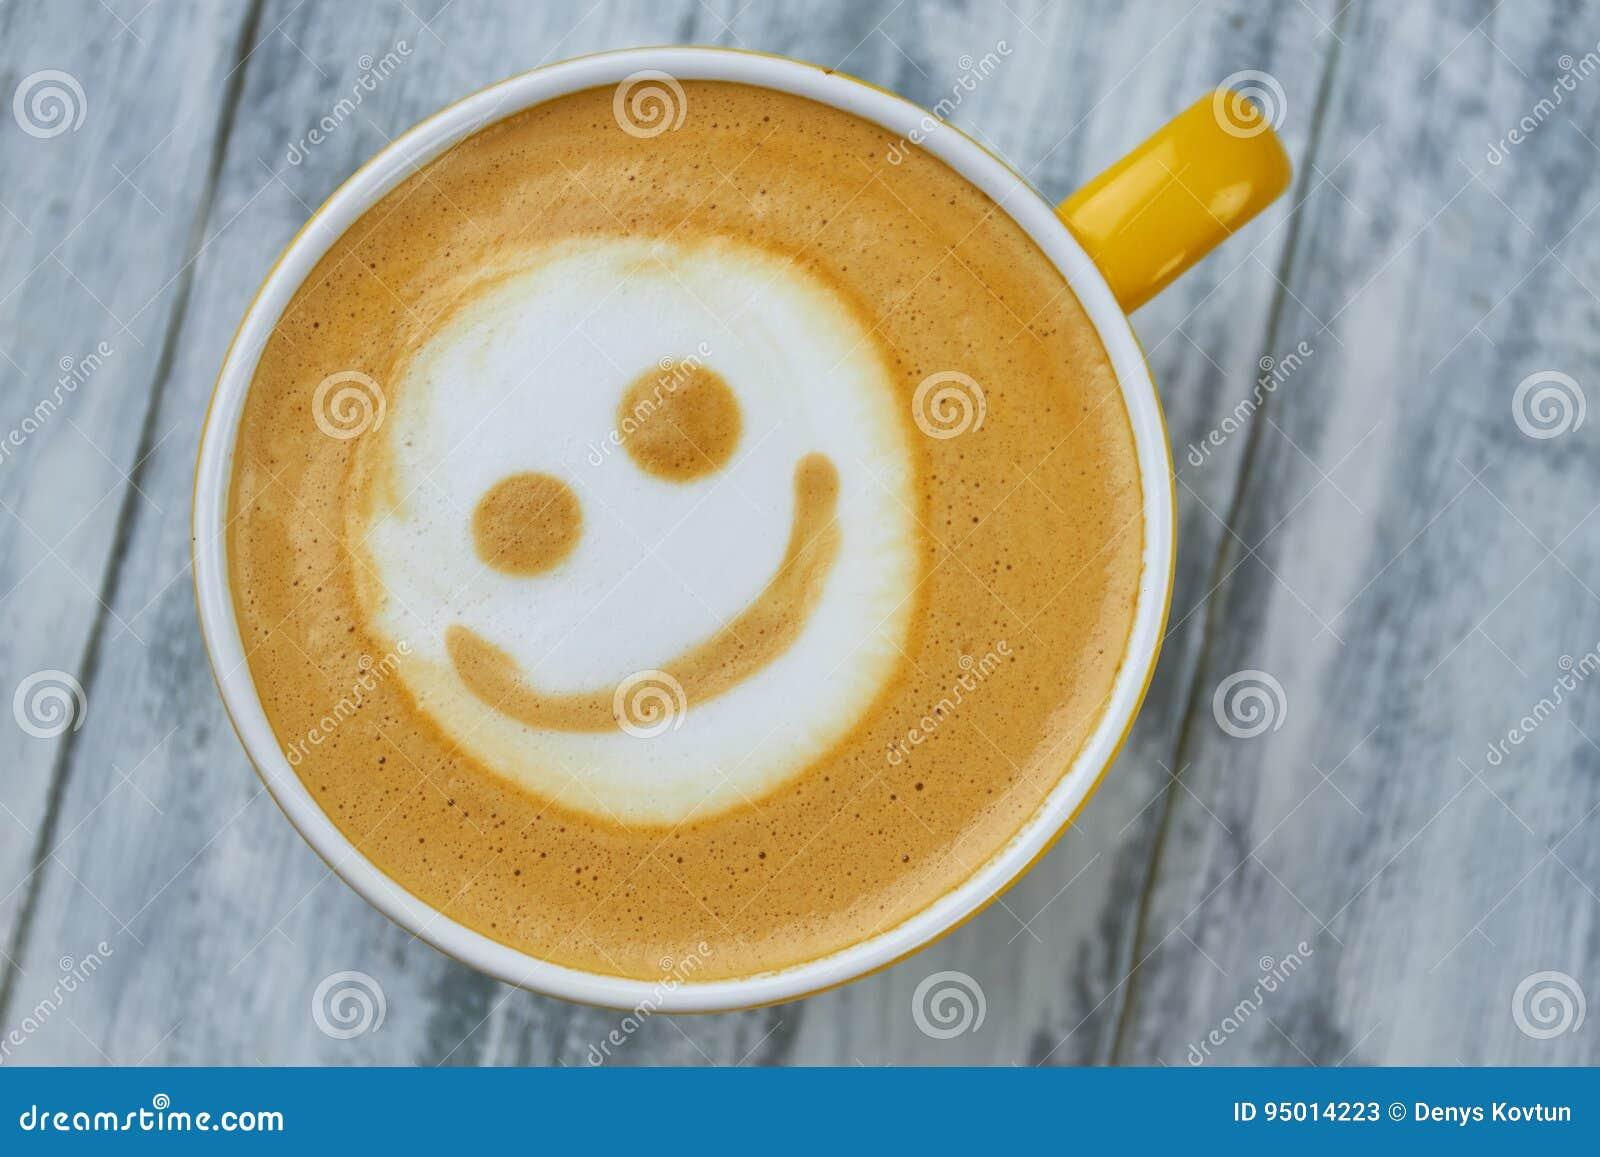 Visage de smiley d art de Latte